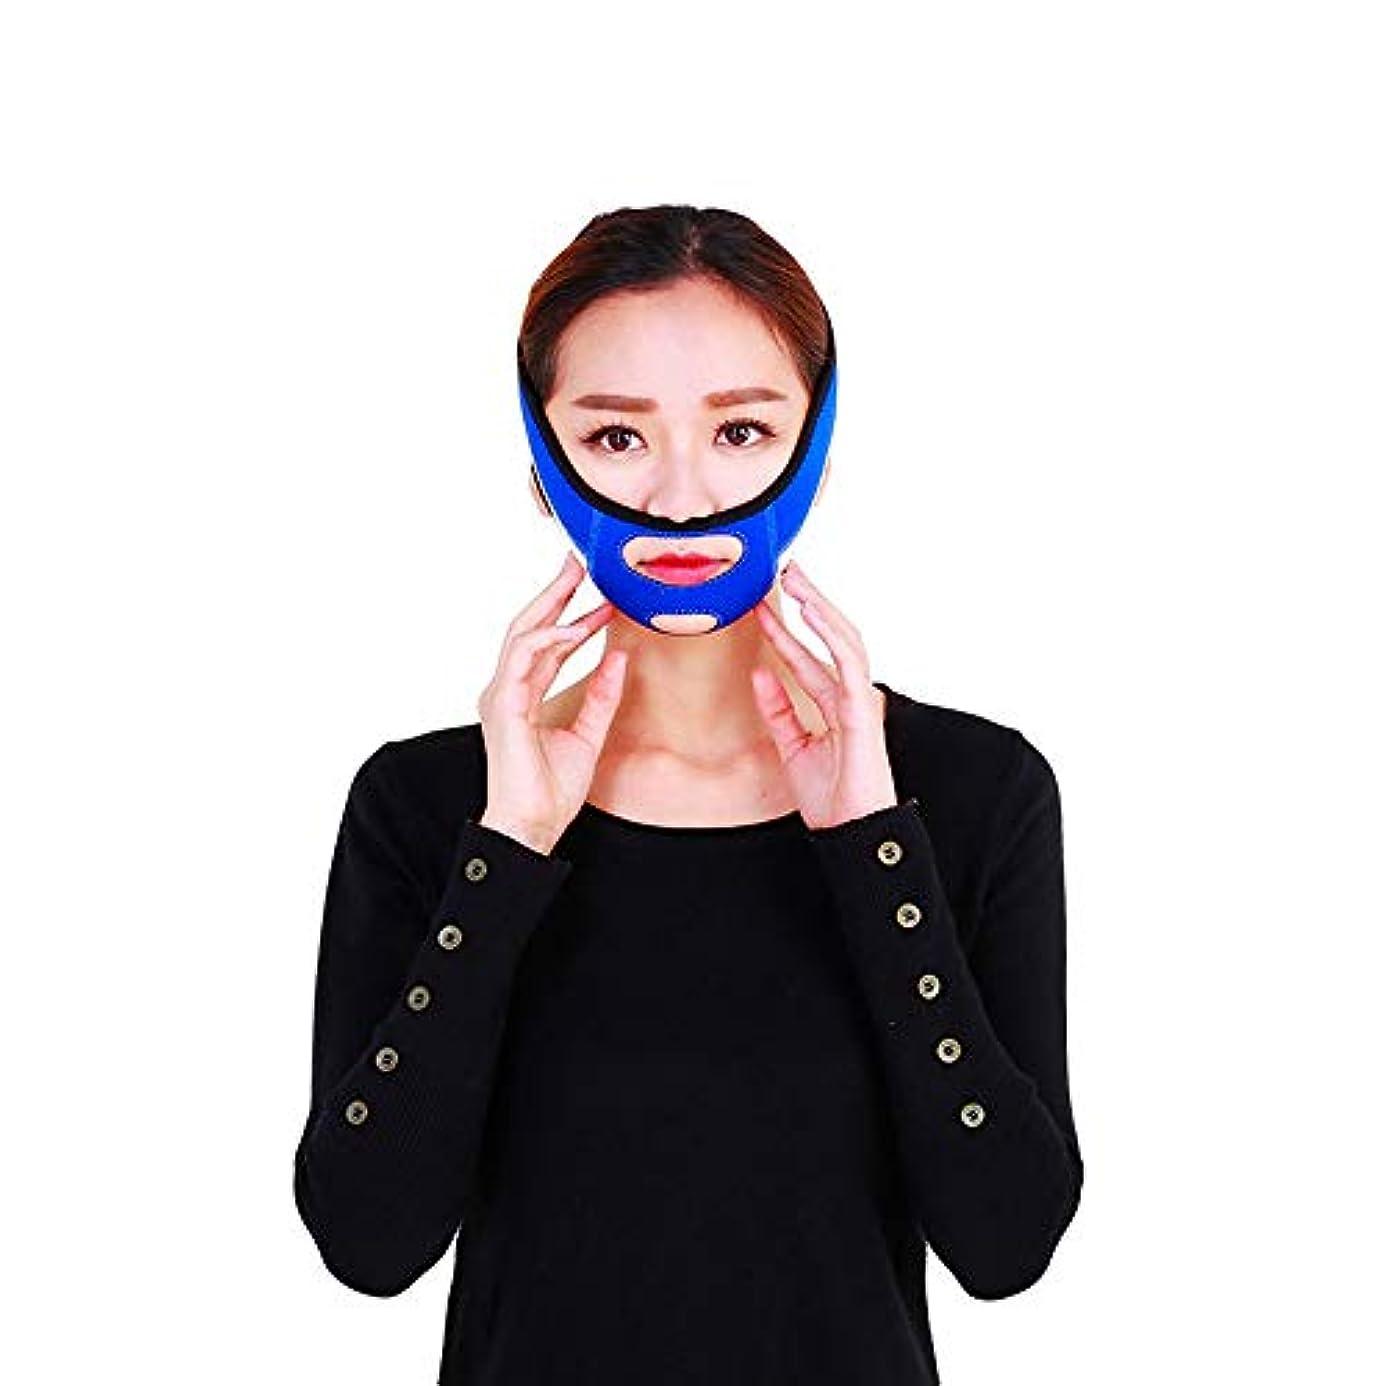 原告不当旅行者Jia Jia- フェイシャルリフティング痩身ベルトフェーススリム二重あごを取り除くアンチエイジングリンクルフェイス包帯マスク整形マスクが顔を引き締める 顔面包帯